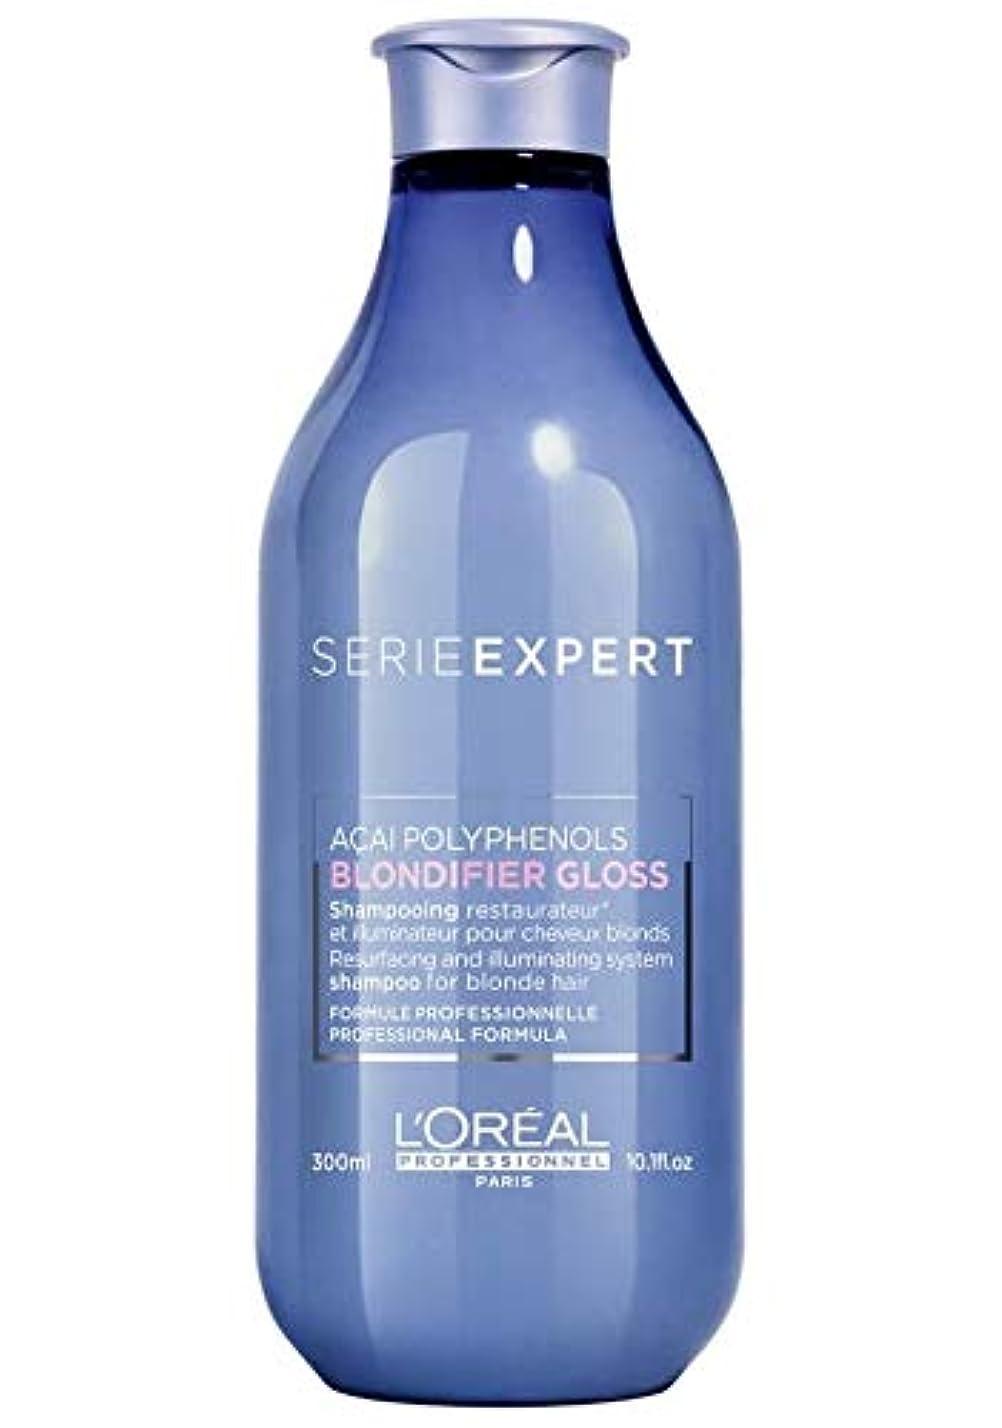 エンゲージメントキャラクター接触ロレアル セリエ エクスパート ブロンディファイア グロス シャンプー L'Oreal Serie Expert Blondifier Gloss Shampoo 300 ml [並行輸入品]